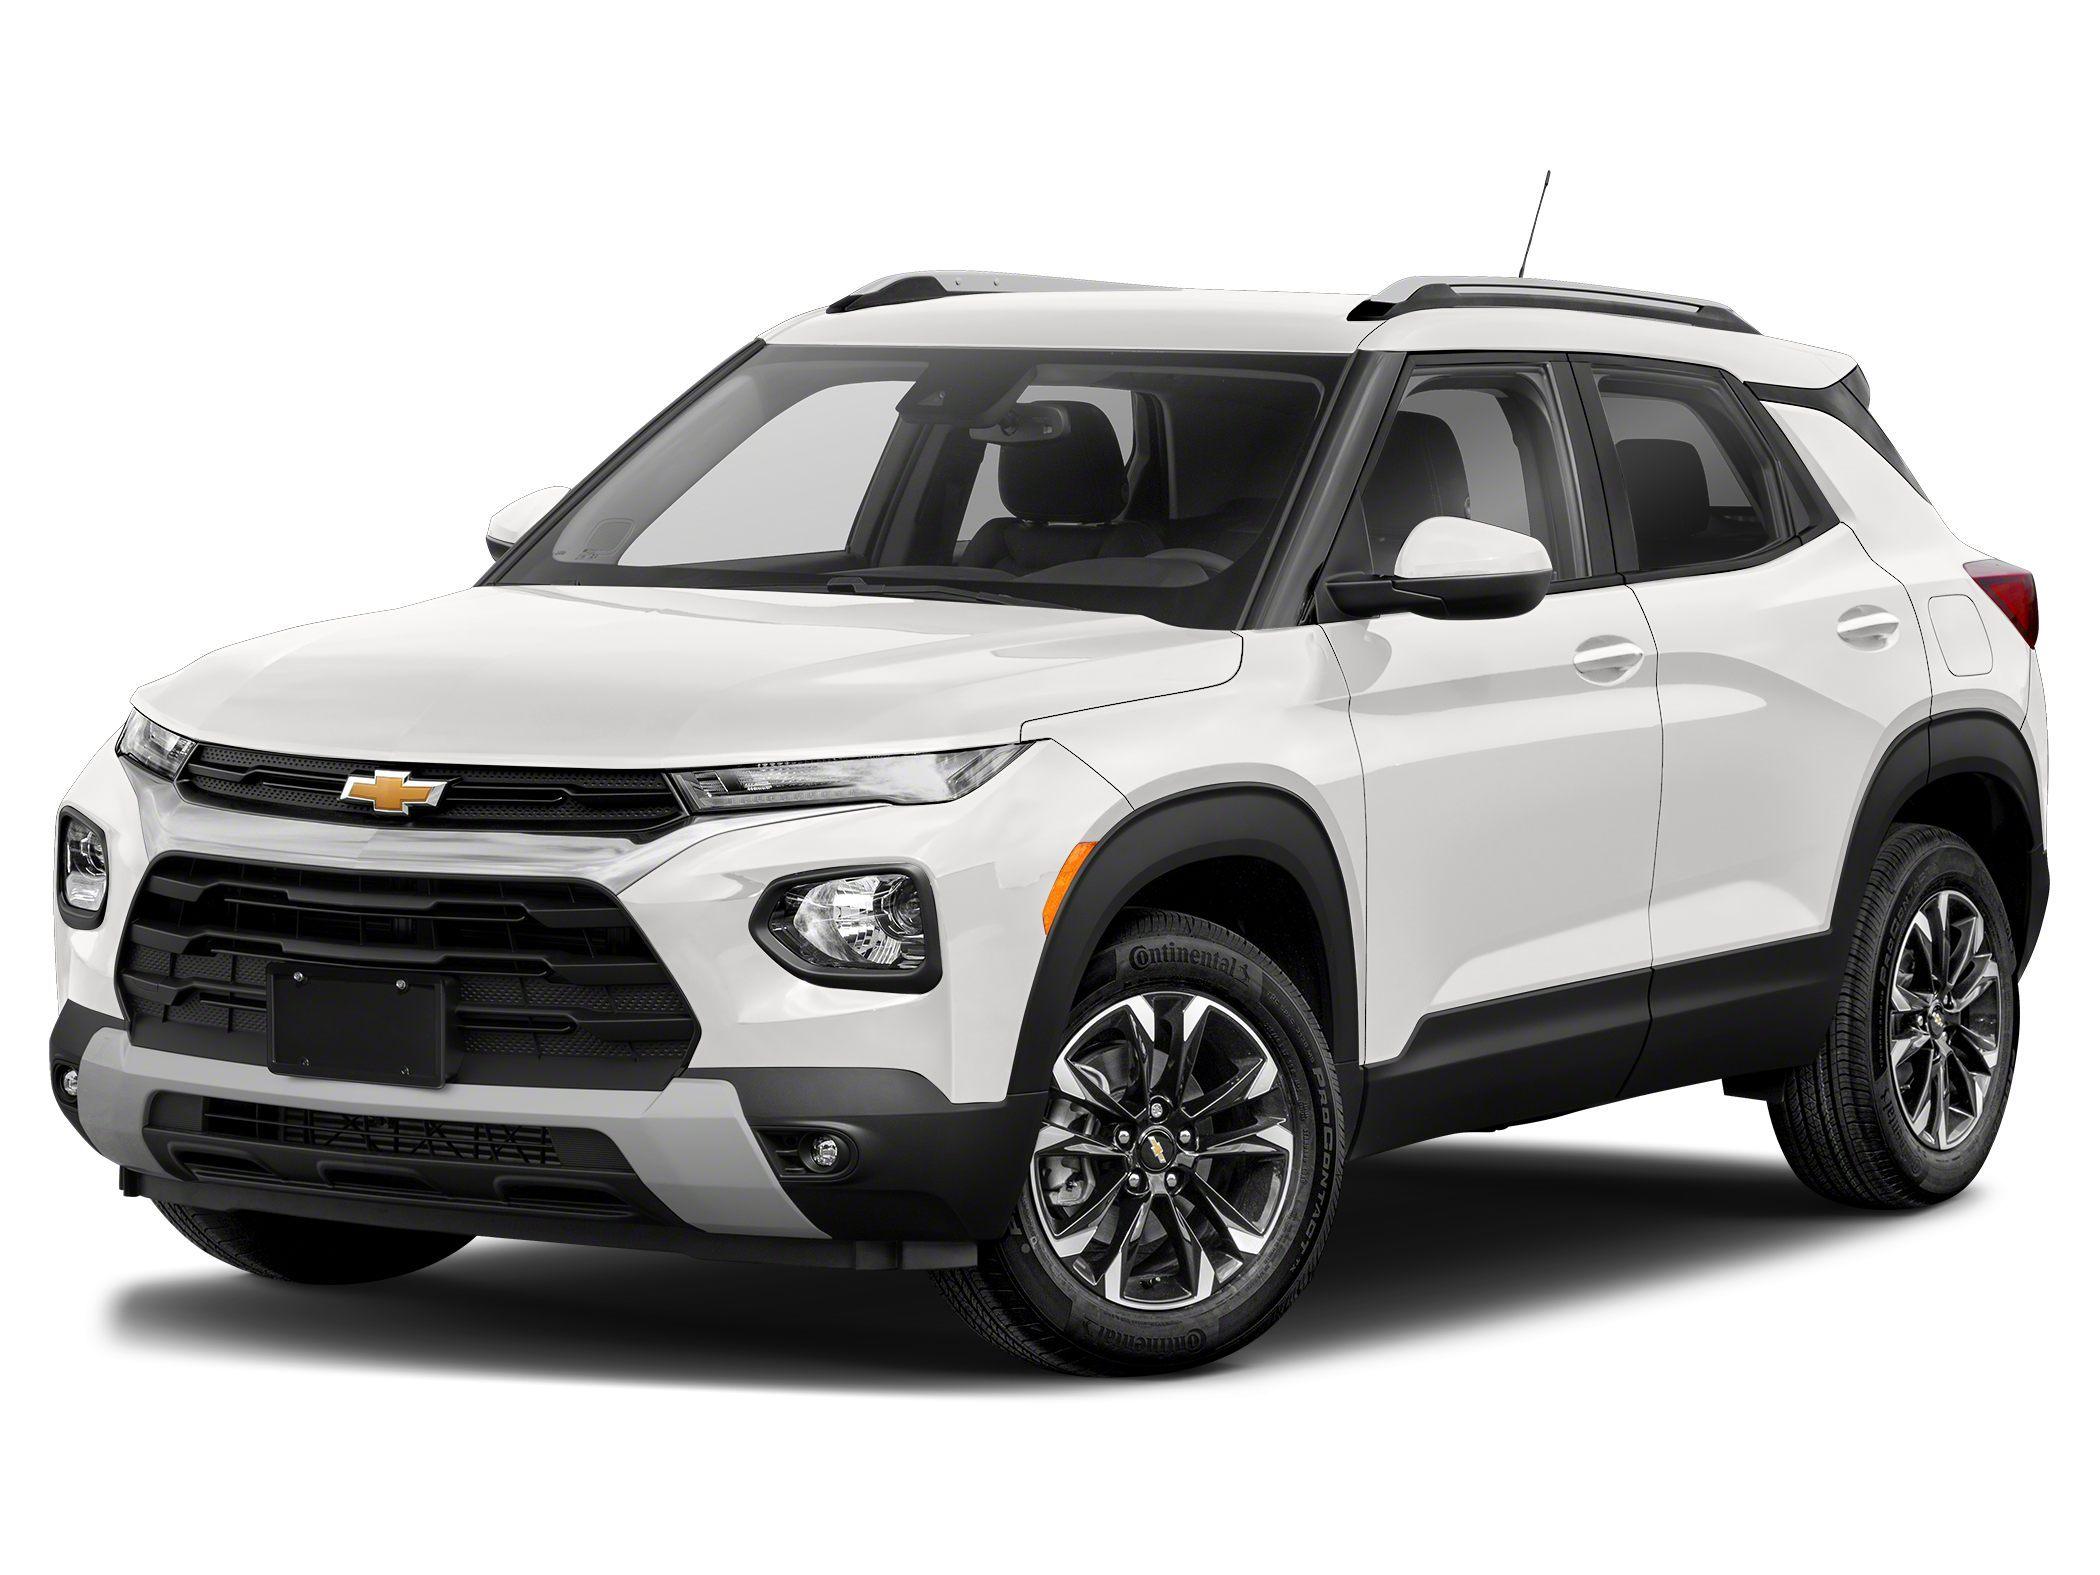 2022 Chevrolet Trailblazer SUV